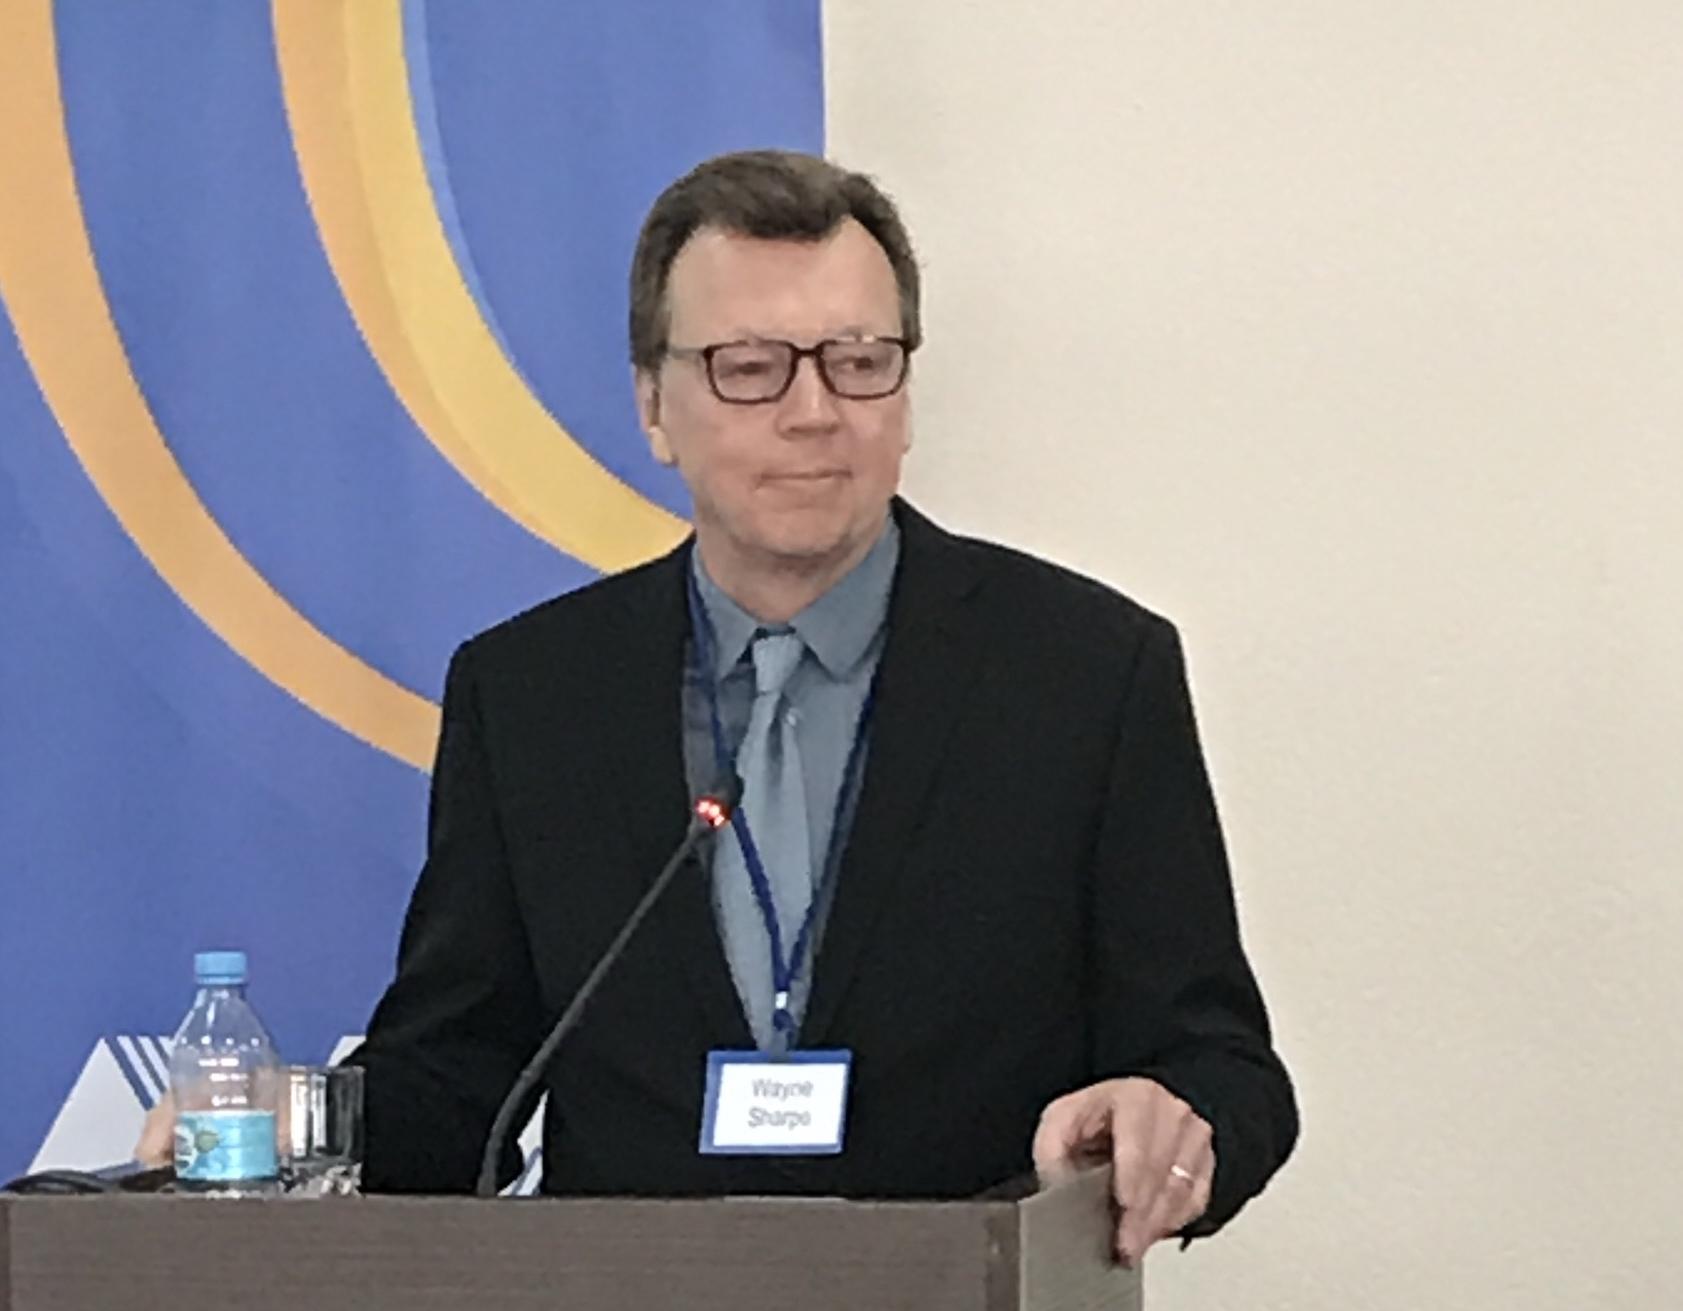 Вейн Шарп: медіаграмотність в умовах конфлікту